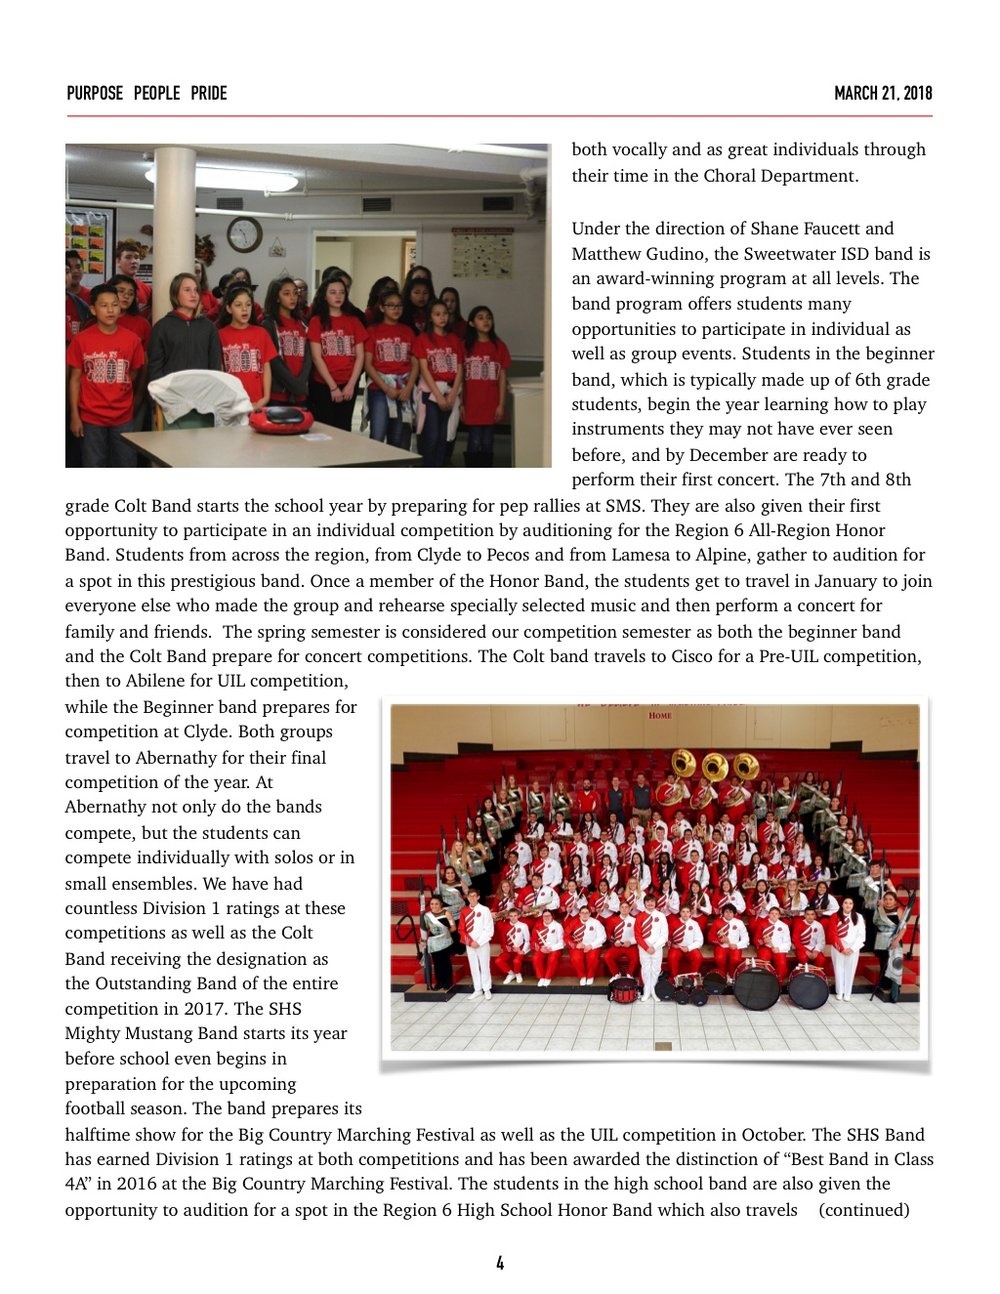 SISD Newsletter March 2018-4.jpg